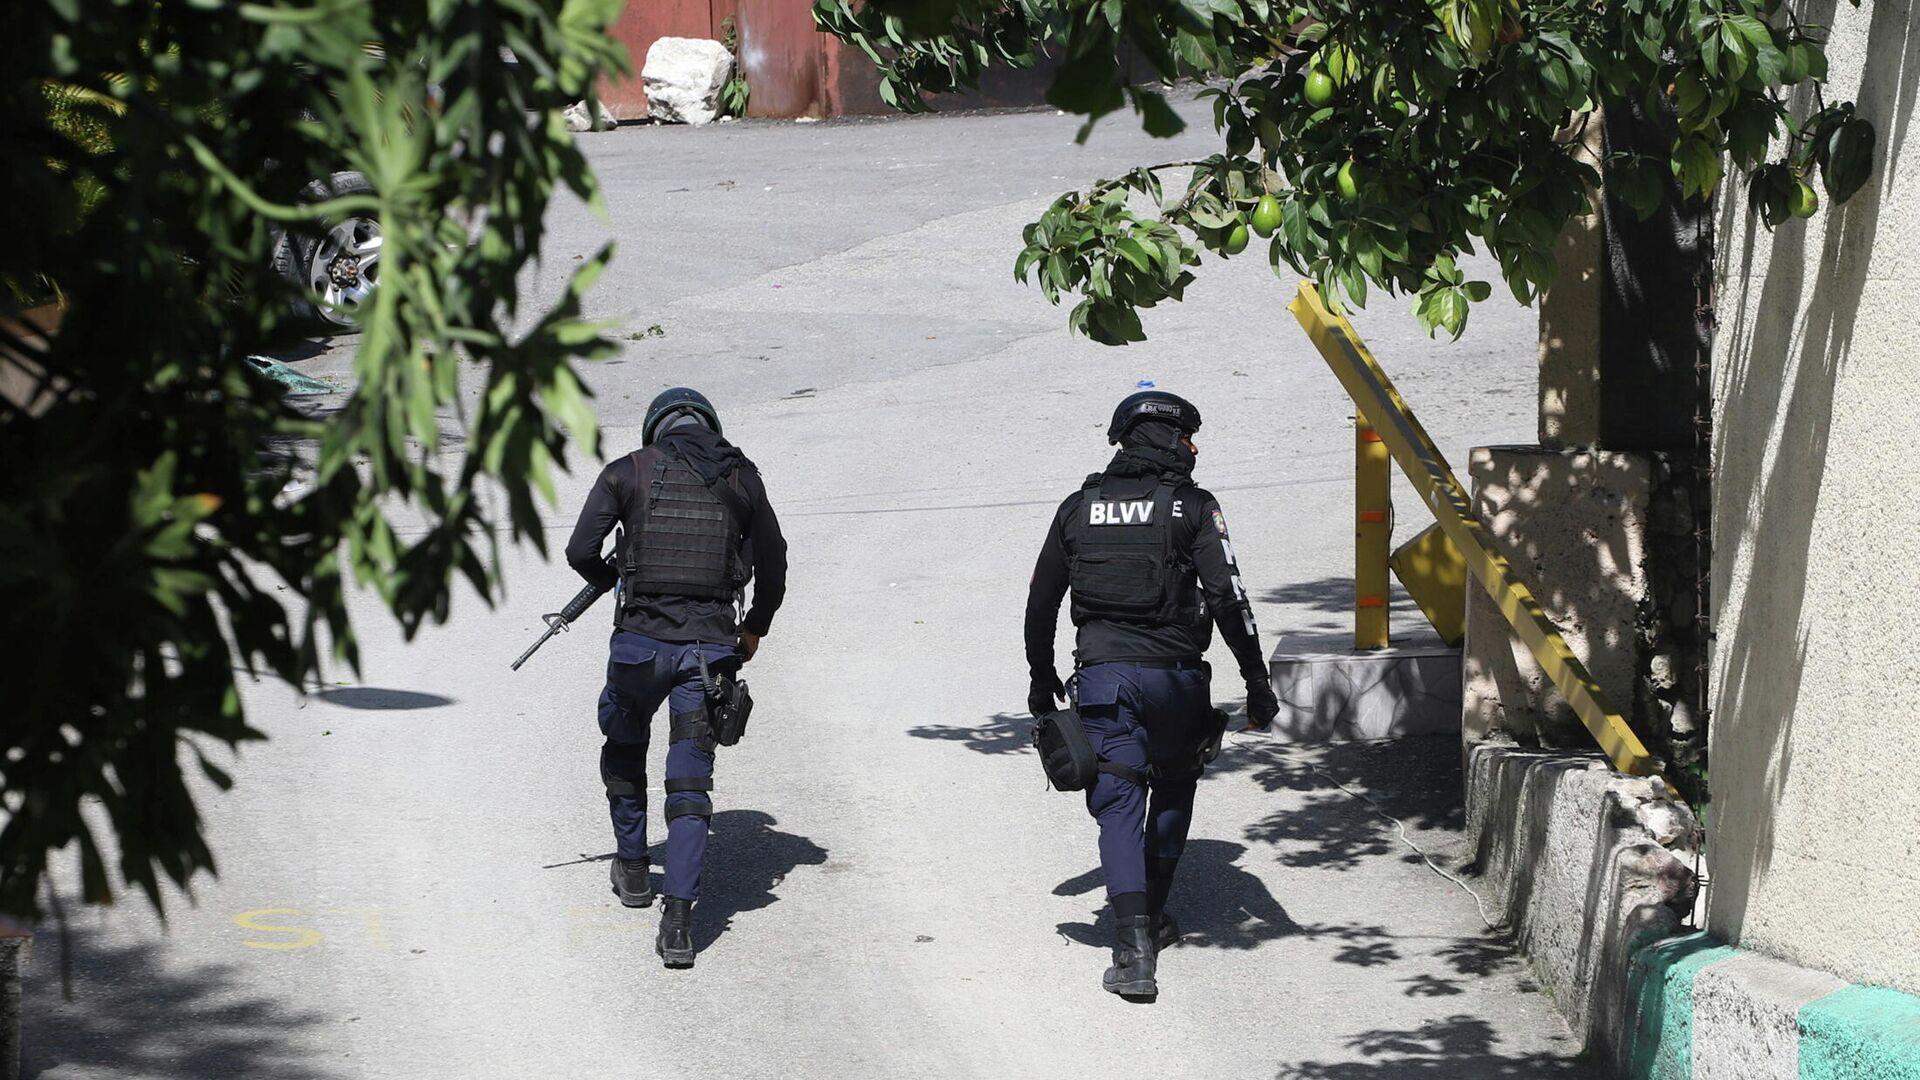 Полицейские у резиденции президента Гаити Жовенеля Моиза в Порт-о-Пренсе - РИА Новости, 1920, 09.07.2021